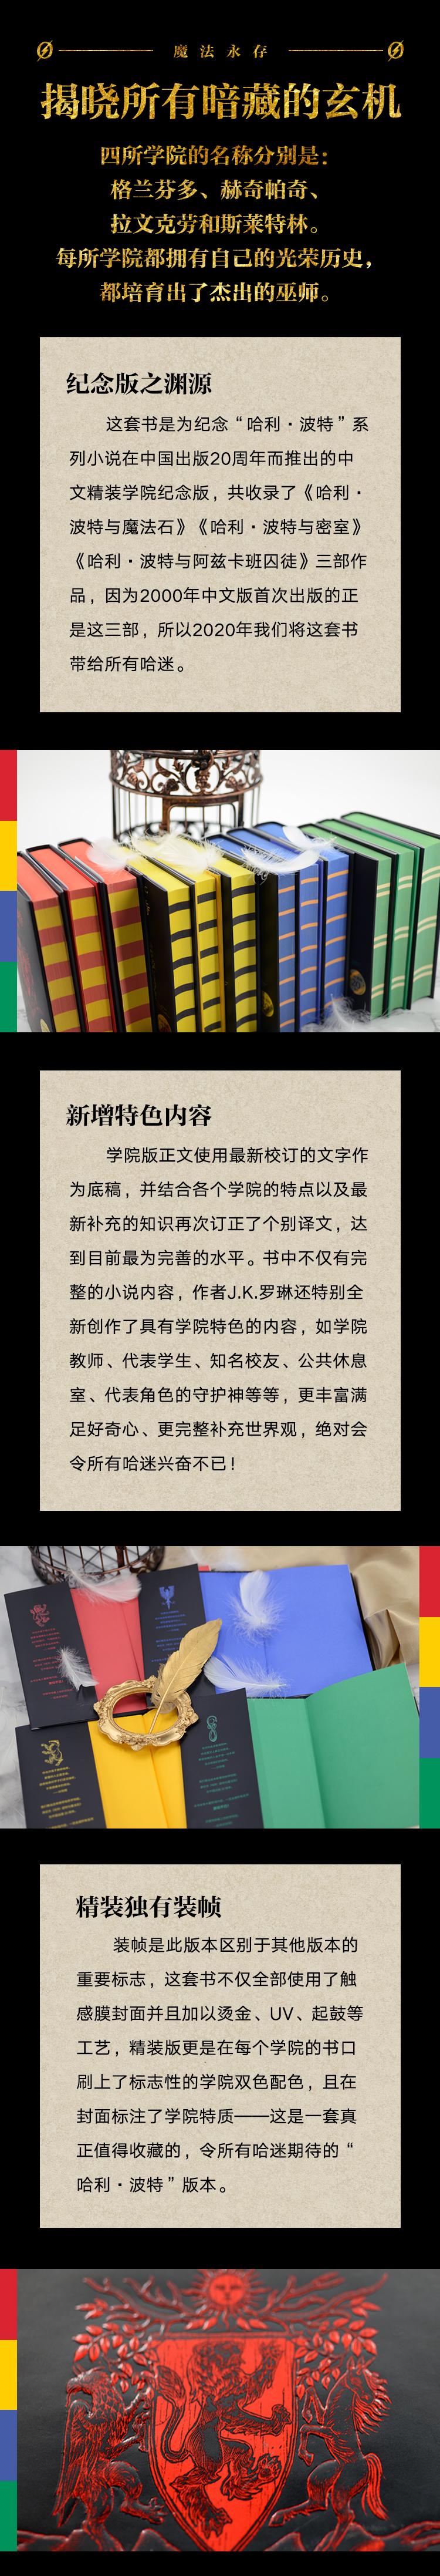 详情页4-1.jpg